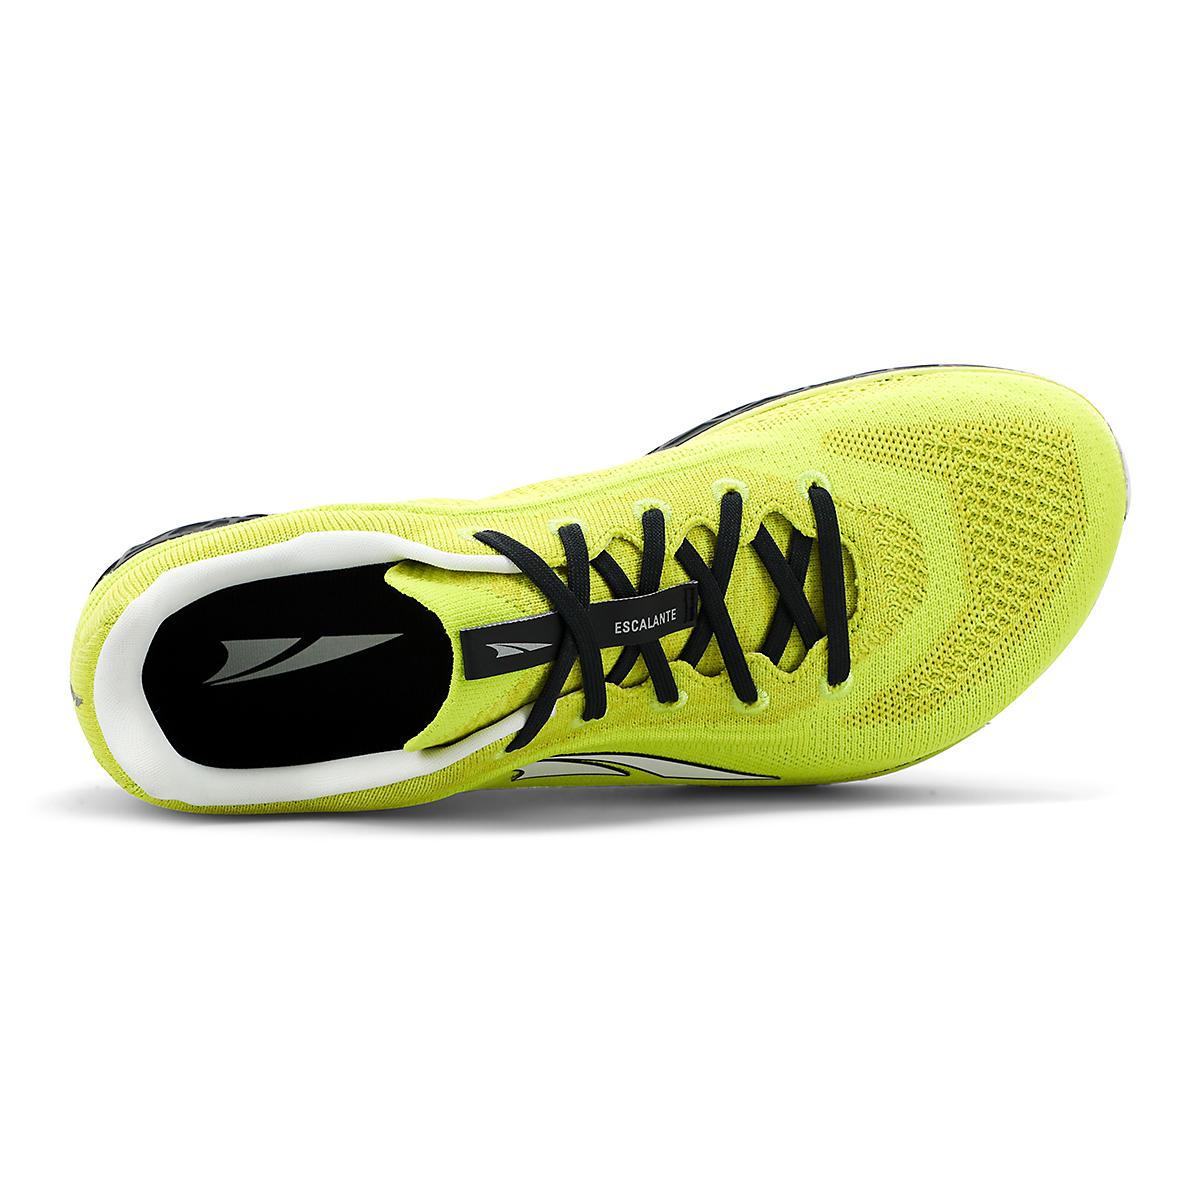 Men's Altra Escalante 2.5 Running Shoe - Color: Lime/Black - Size: 7 - Width: Regular, Lime/Black, large, image 3